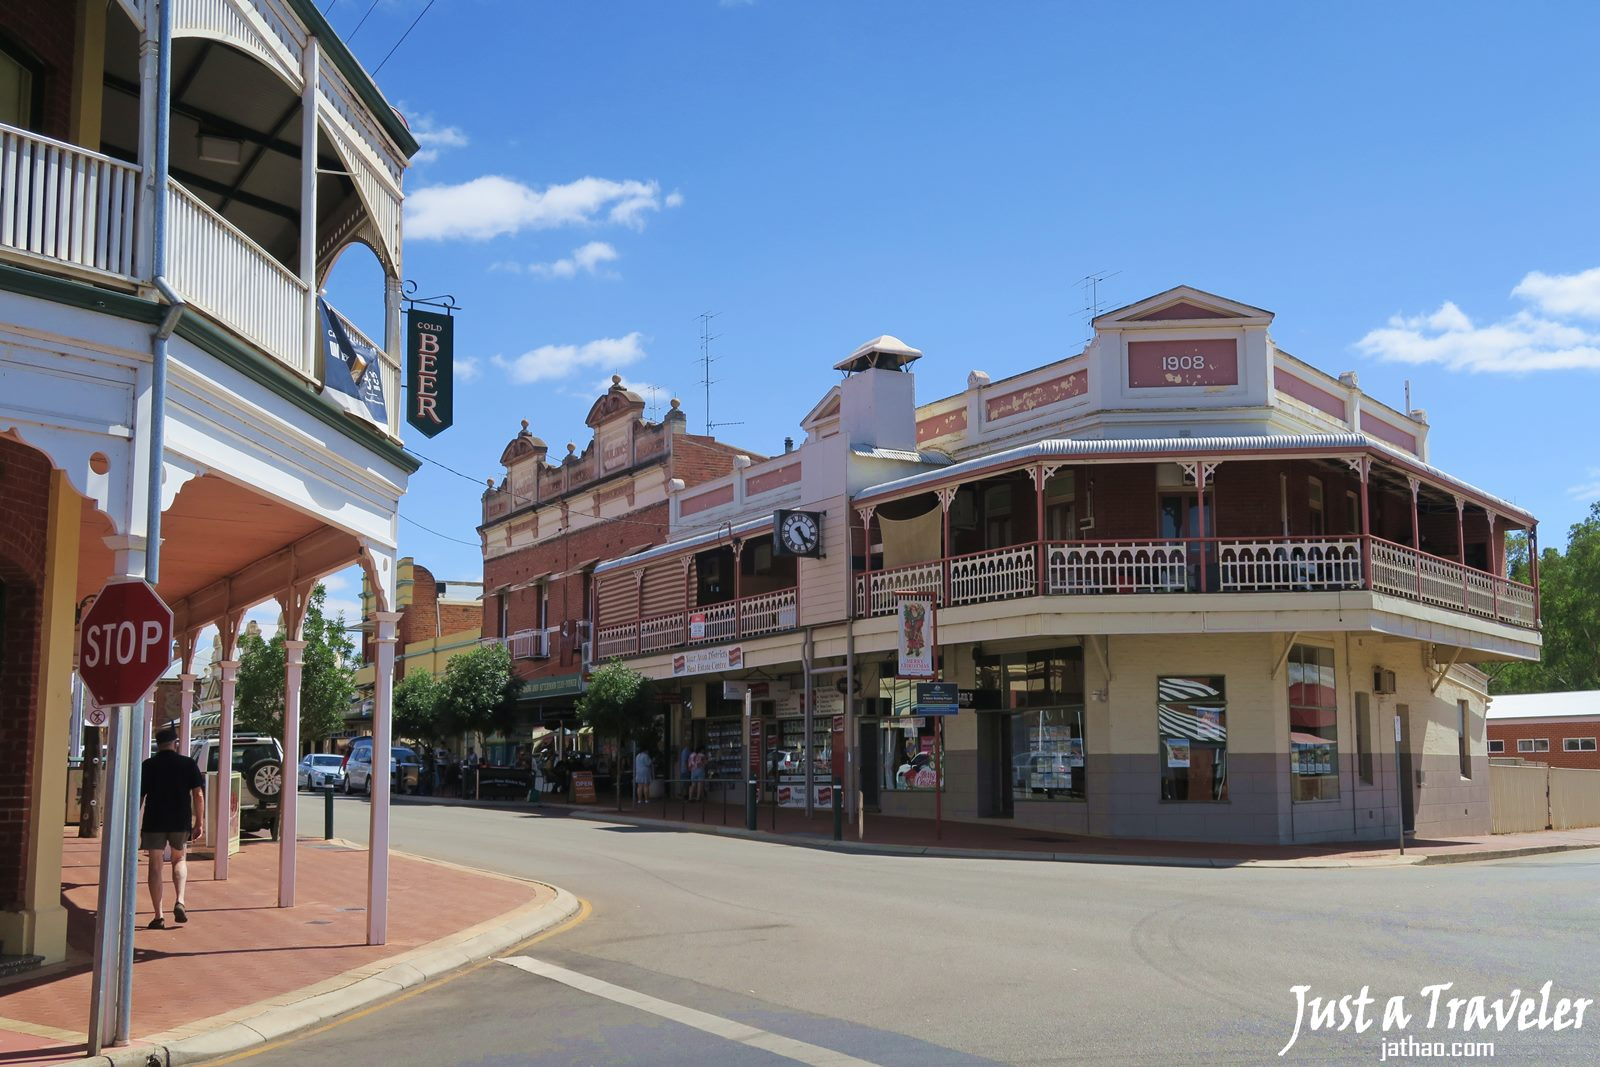 澳洲-西澳-伯斯-推薦-景點-波浪岩-自由行-約克小鎮-York-旅遊-行程-一日遊-二日遊-遊記-旅遊-觀光-Australia-Perth-Wave-Rock